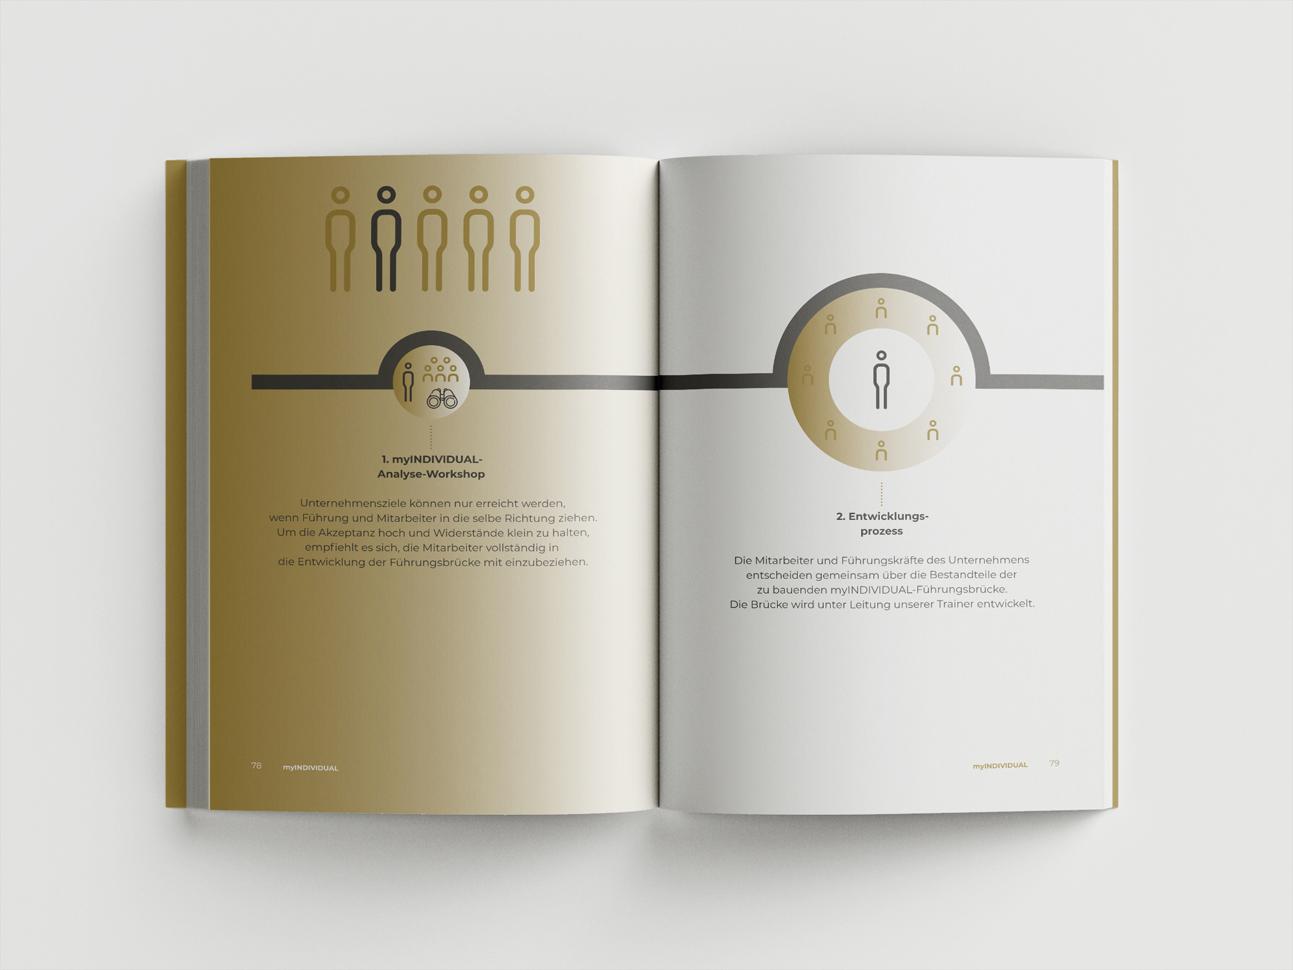 martin zech design, buchgestaltung, atilla vuran, mypontea, doppelseite 11